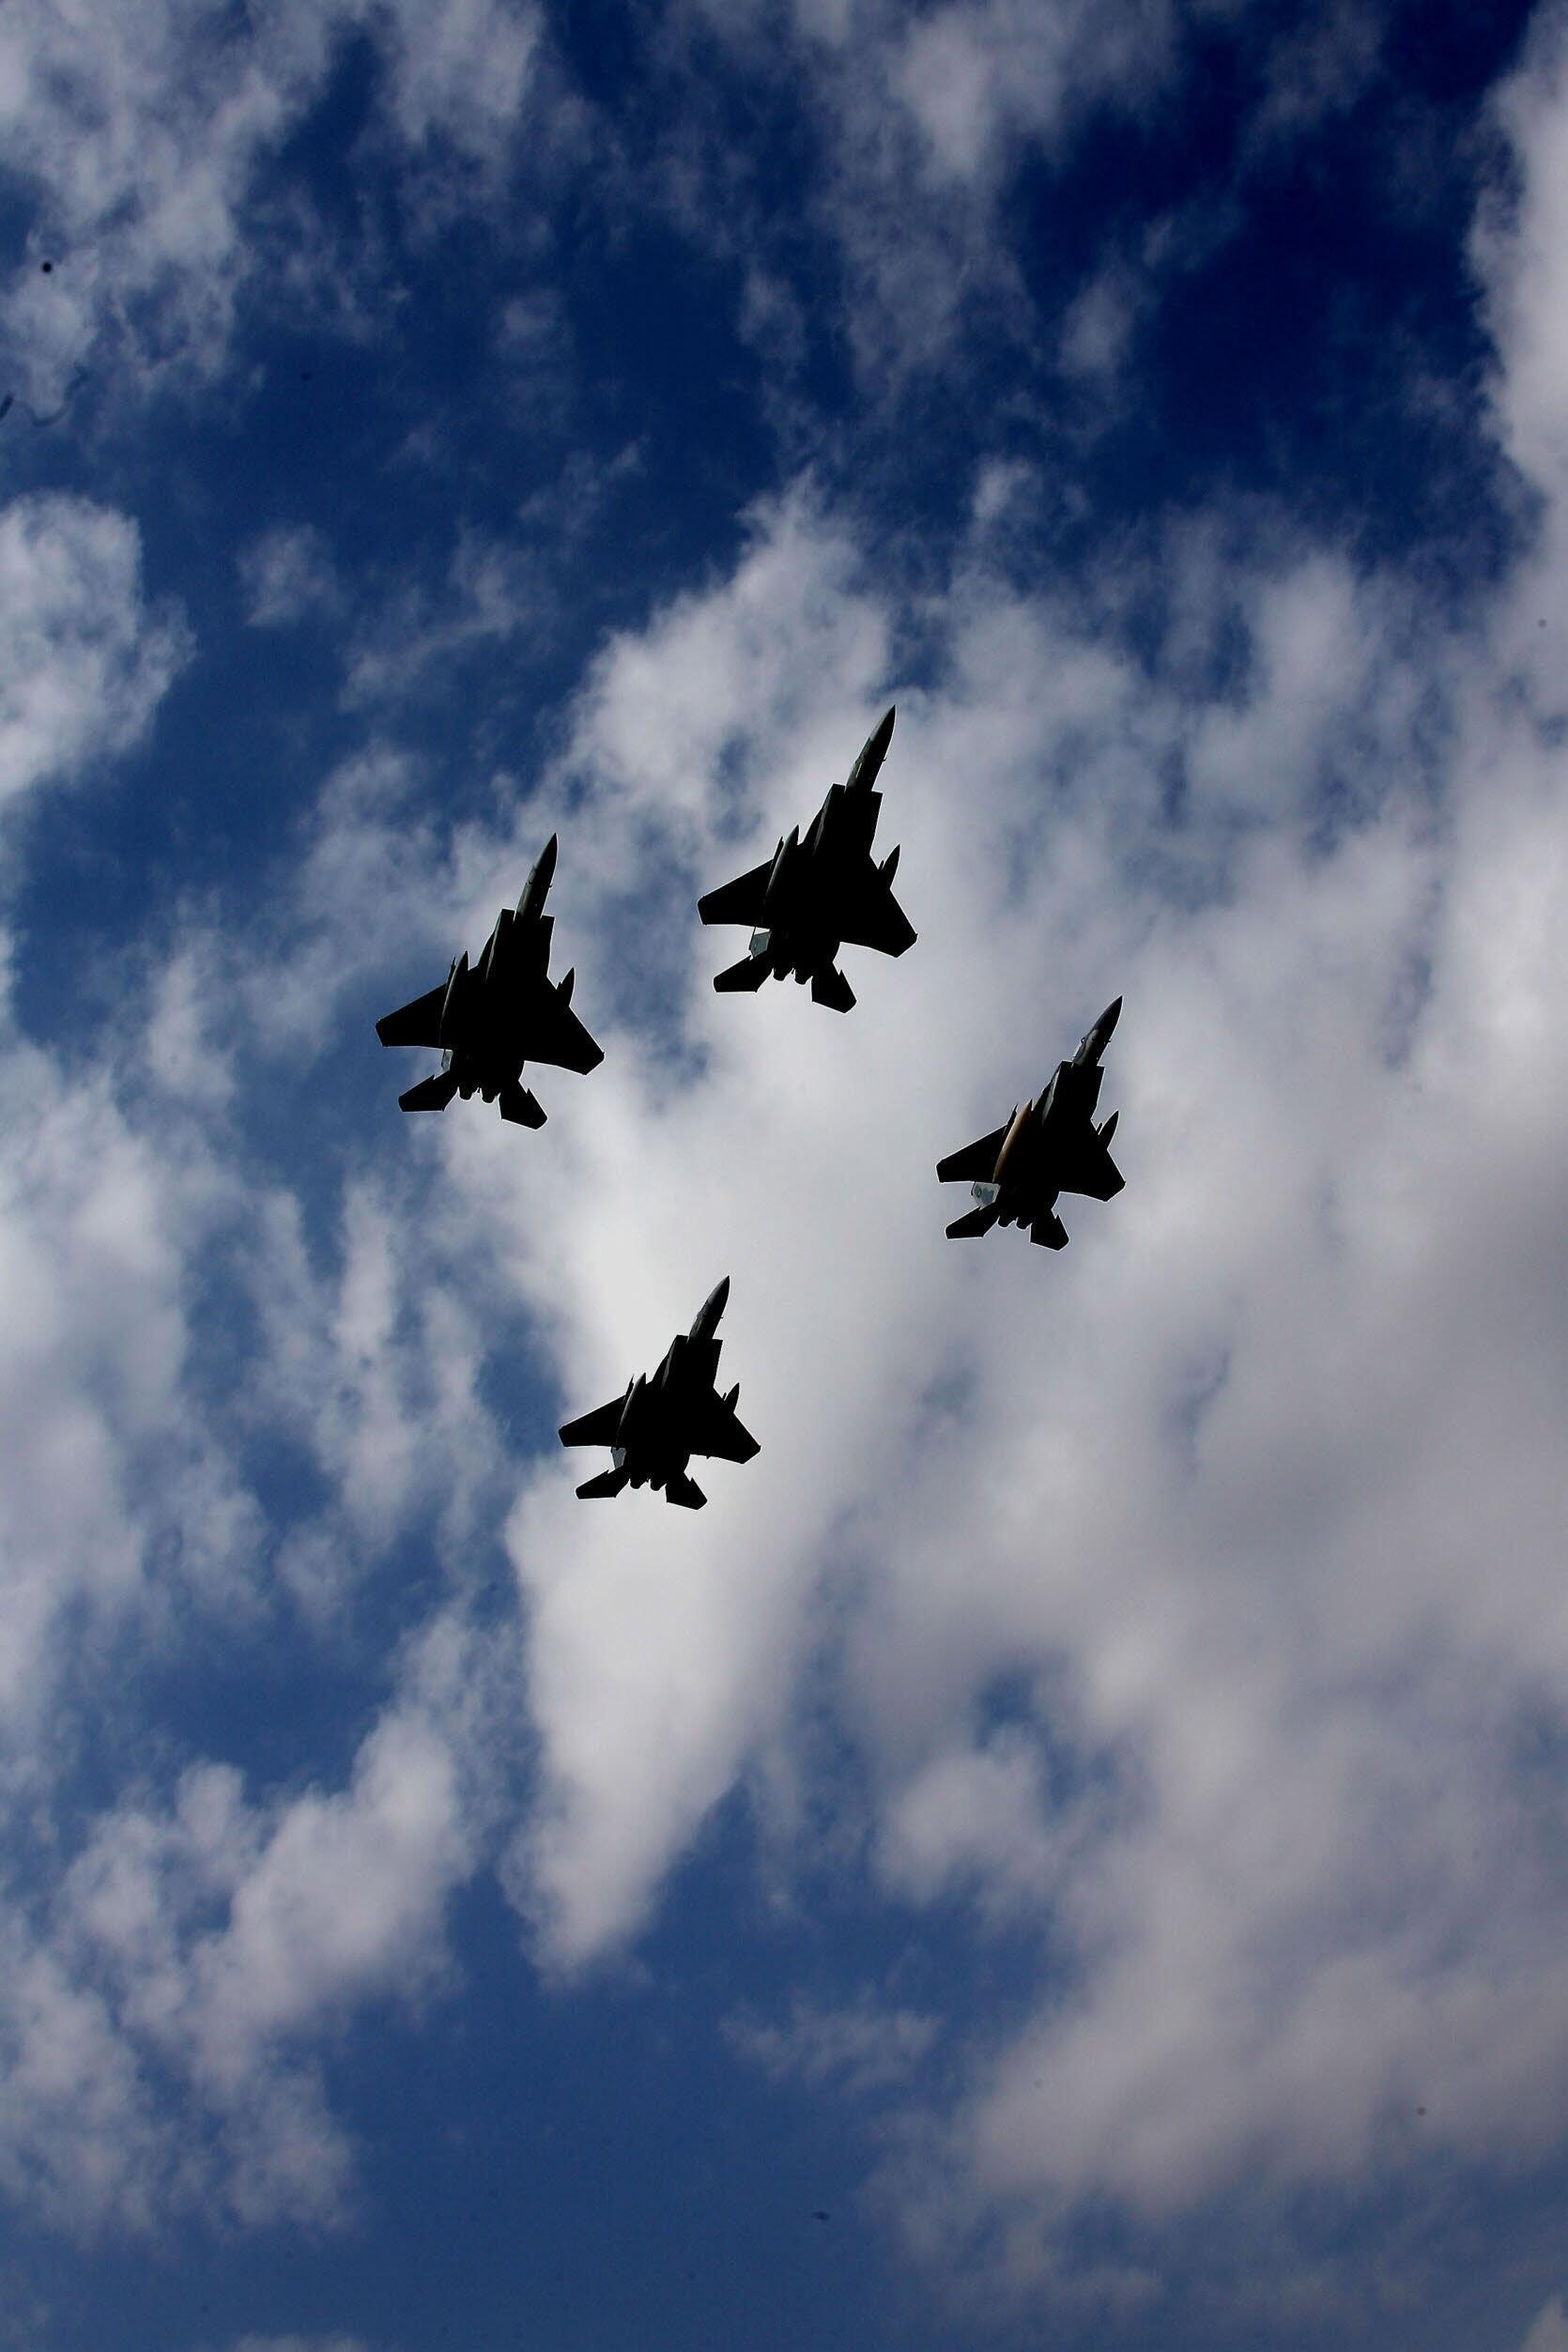 Ndege za kivita F15 za Saudi Arabia katika mazoezi kwenye anga ya Riyad, mjimkuu wa Saudi Arabia.